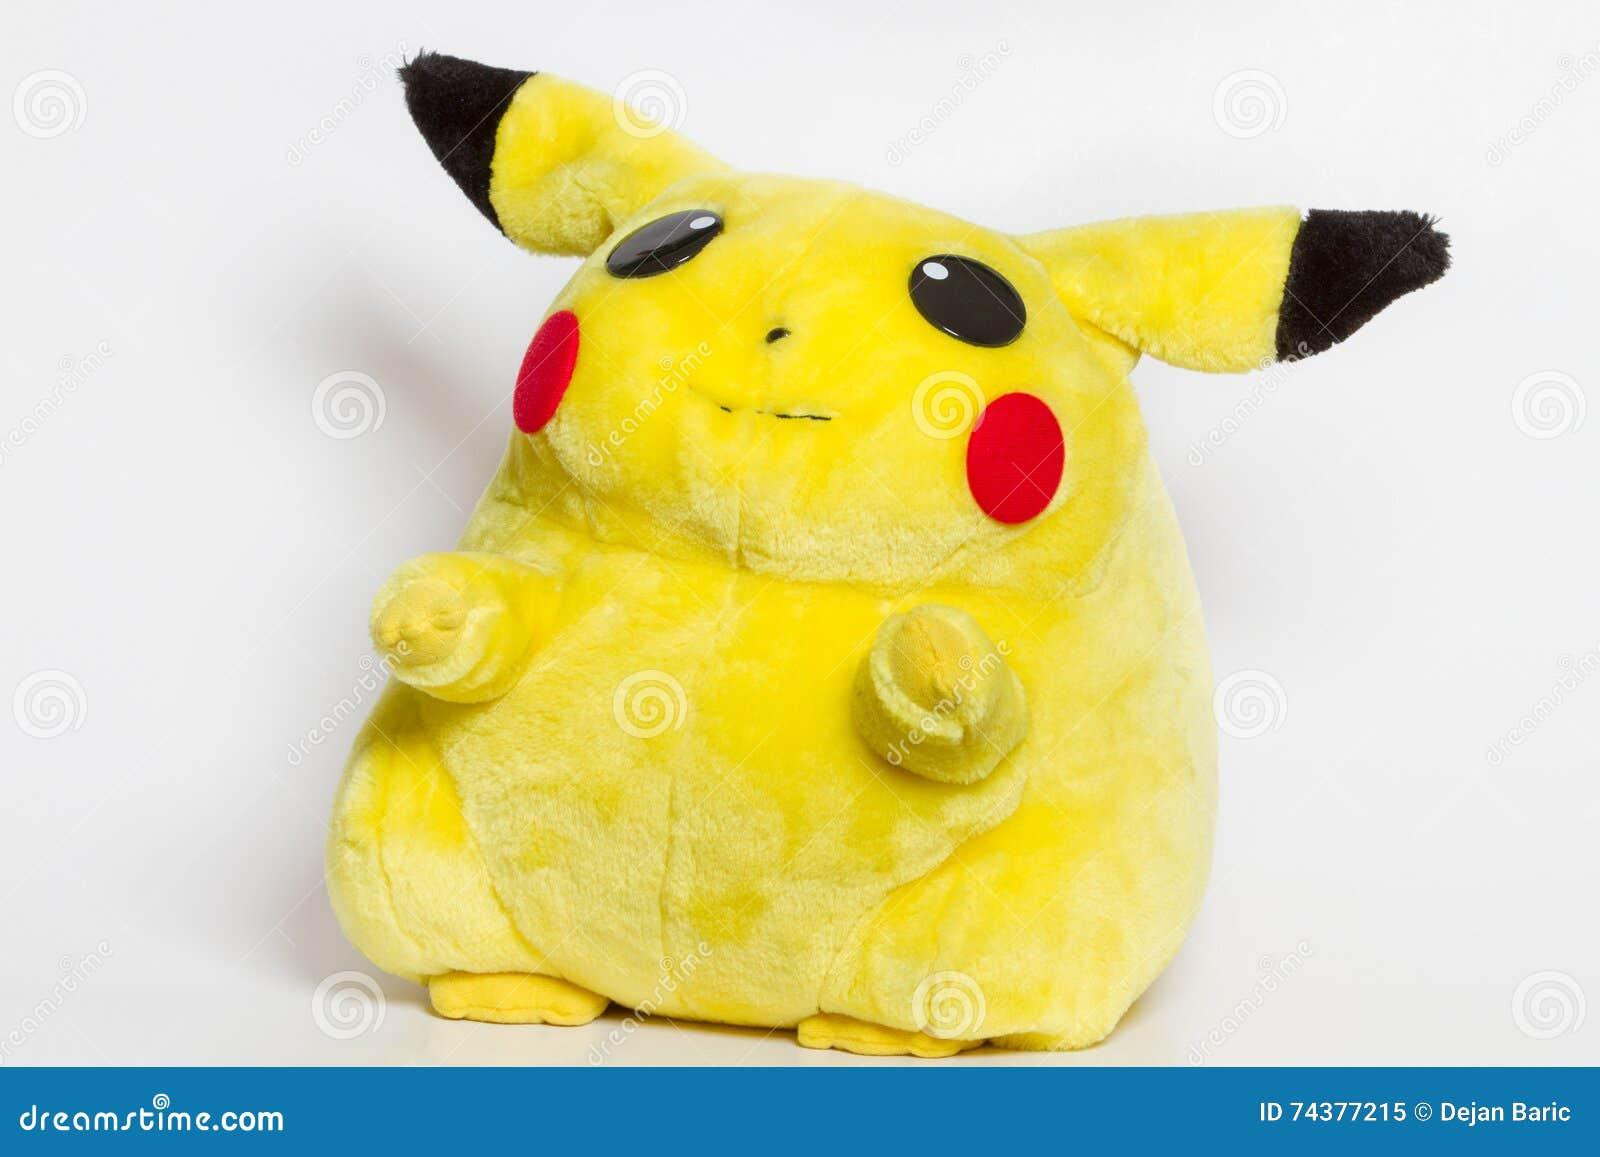 Bambola Pikachu Della Peluche Del Centro Di Pokémon Immagine